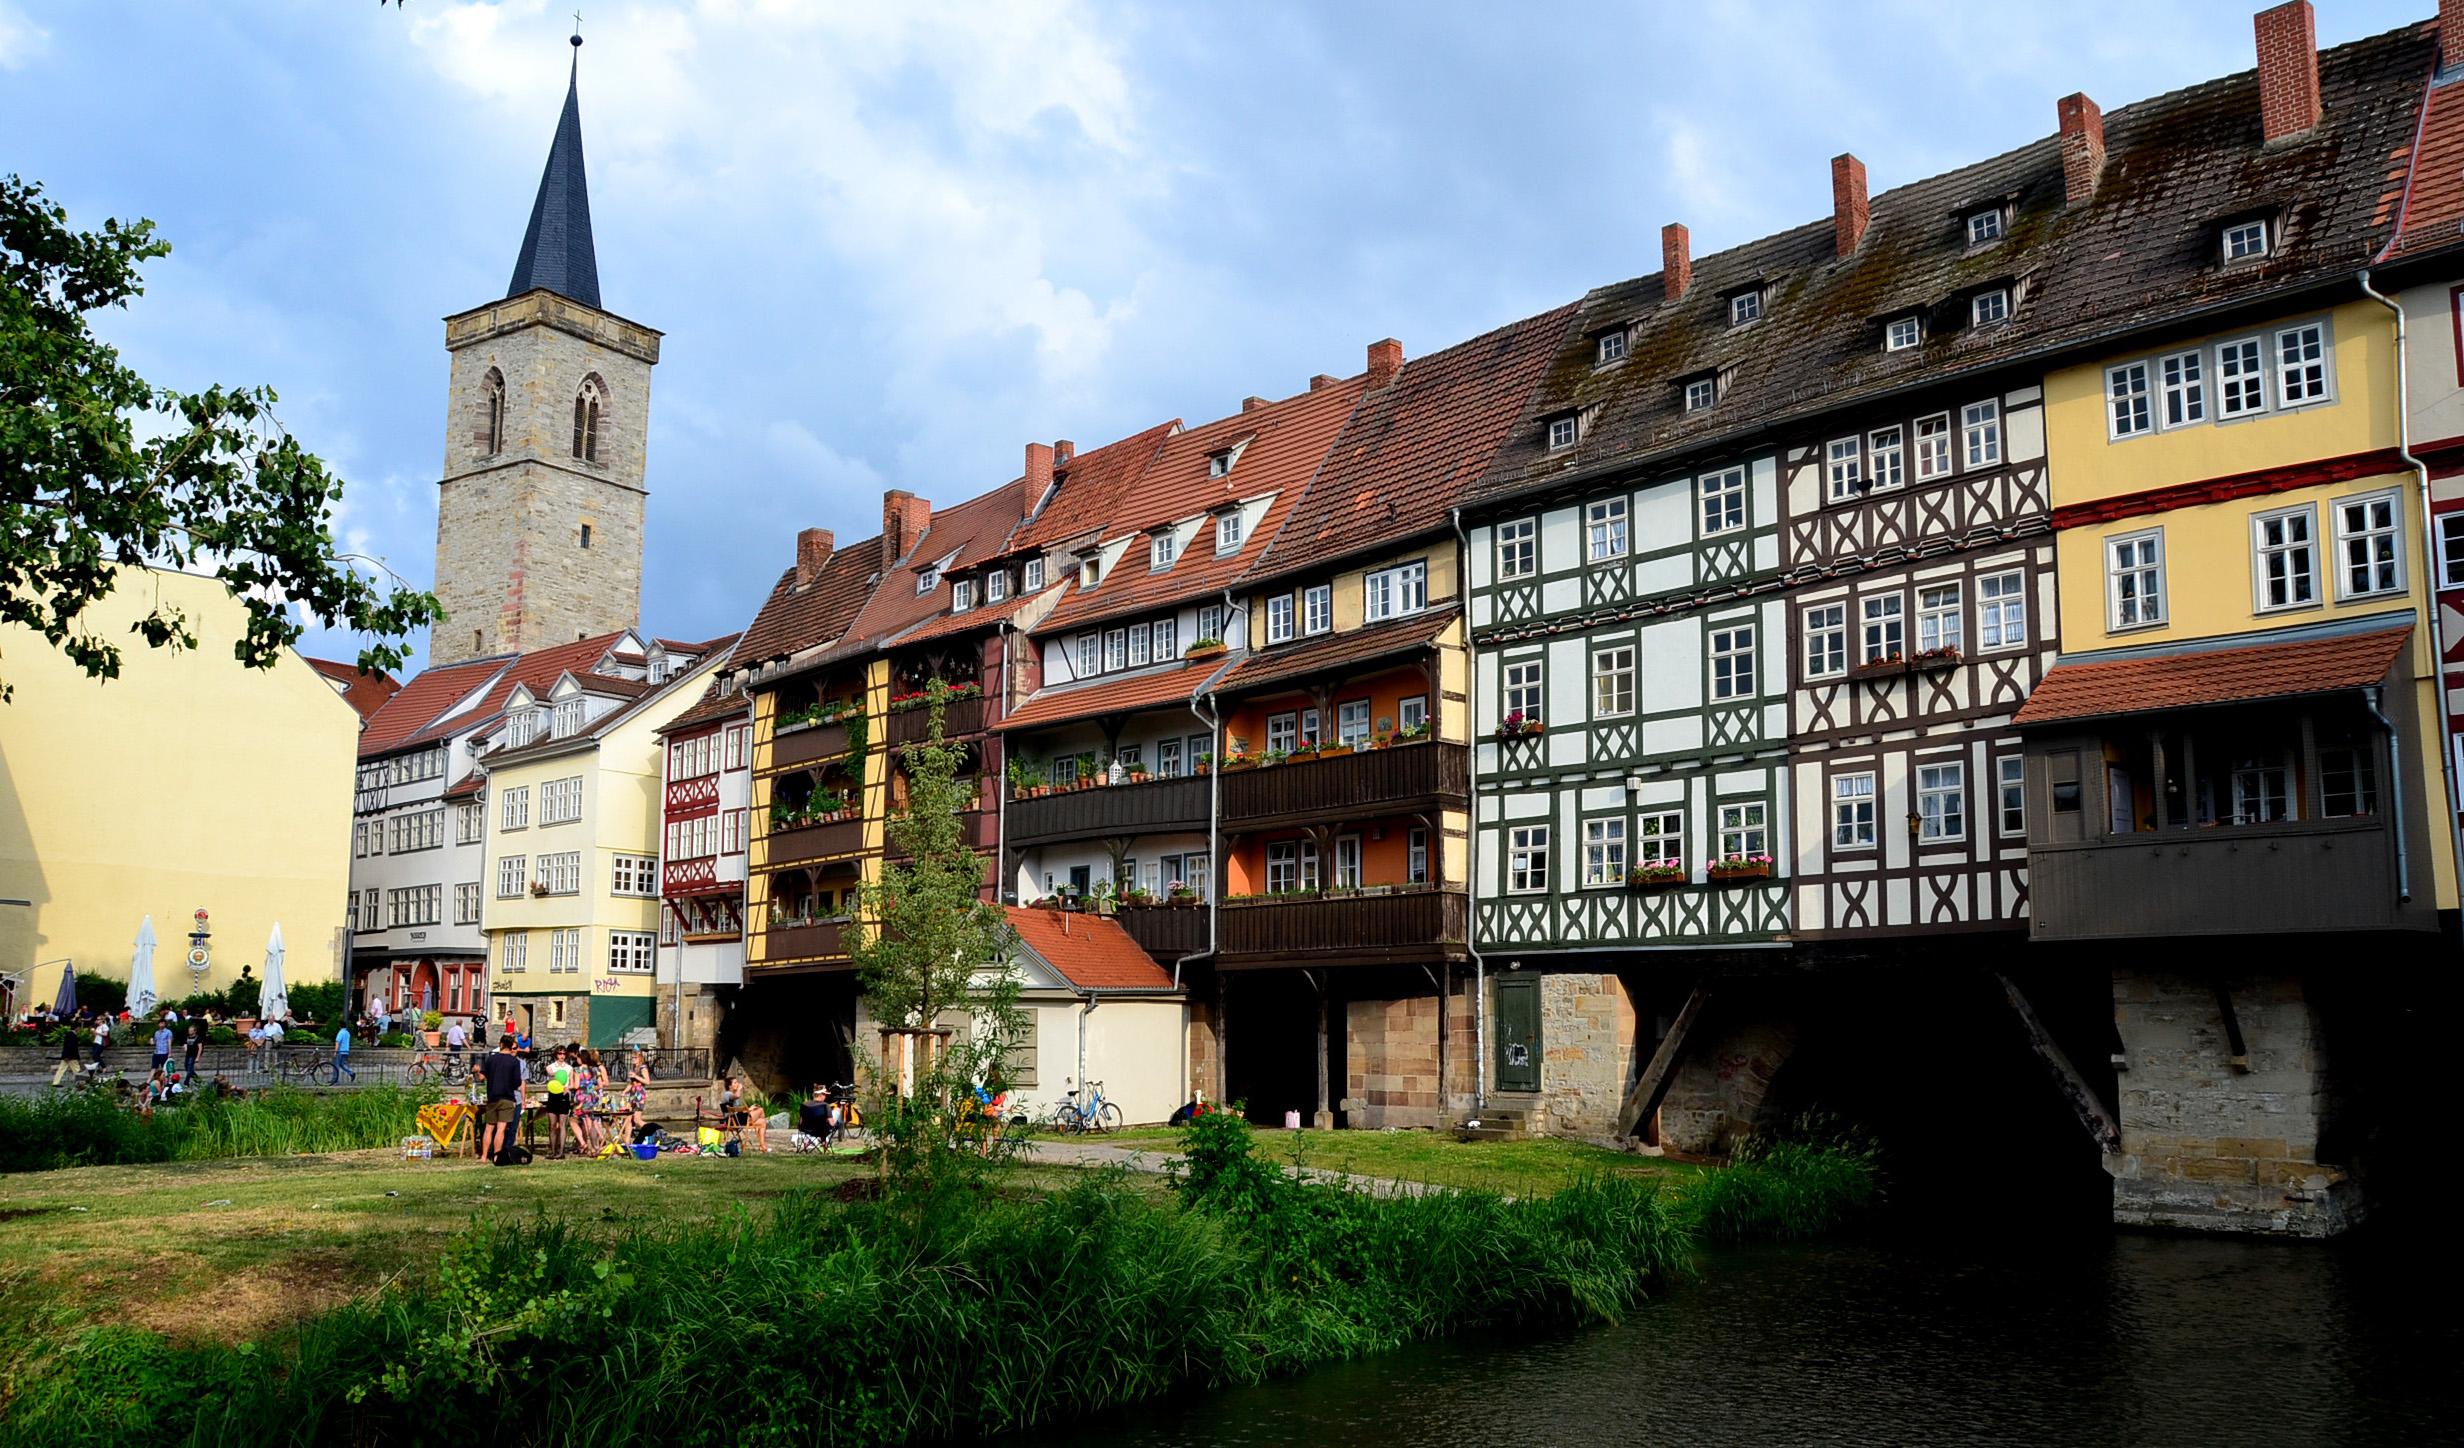 美しい街に残る東ドイツ時代の遺産 壁と自由 ドイツ・エアフルト